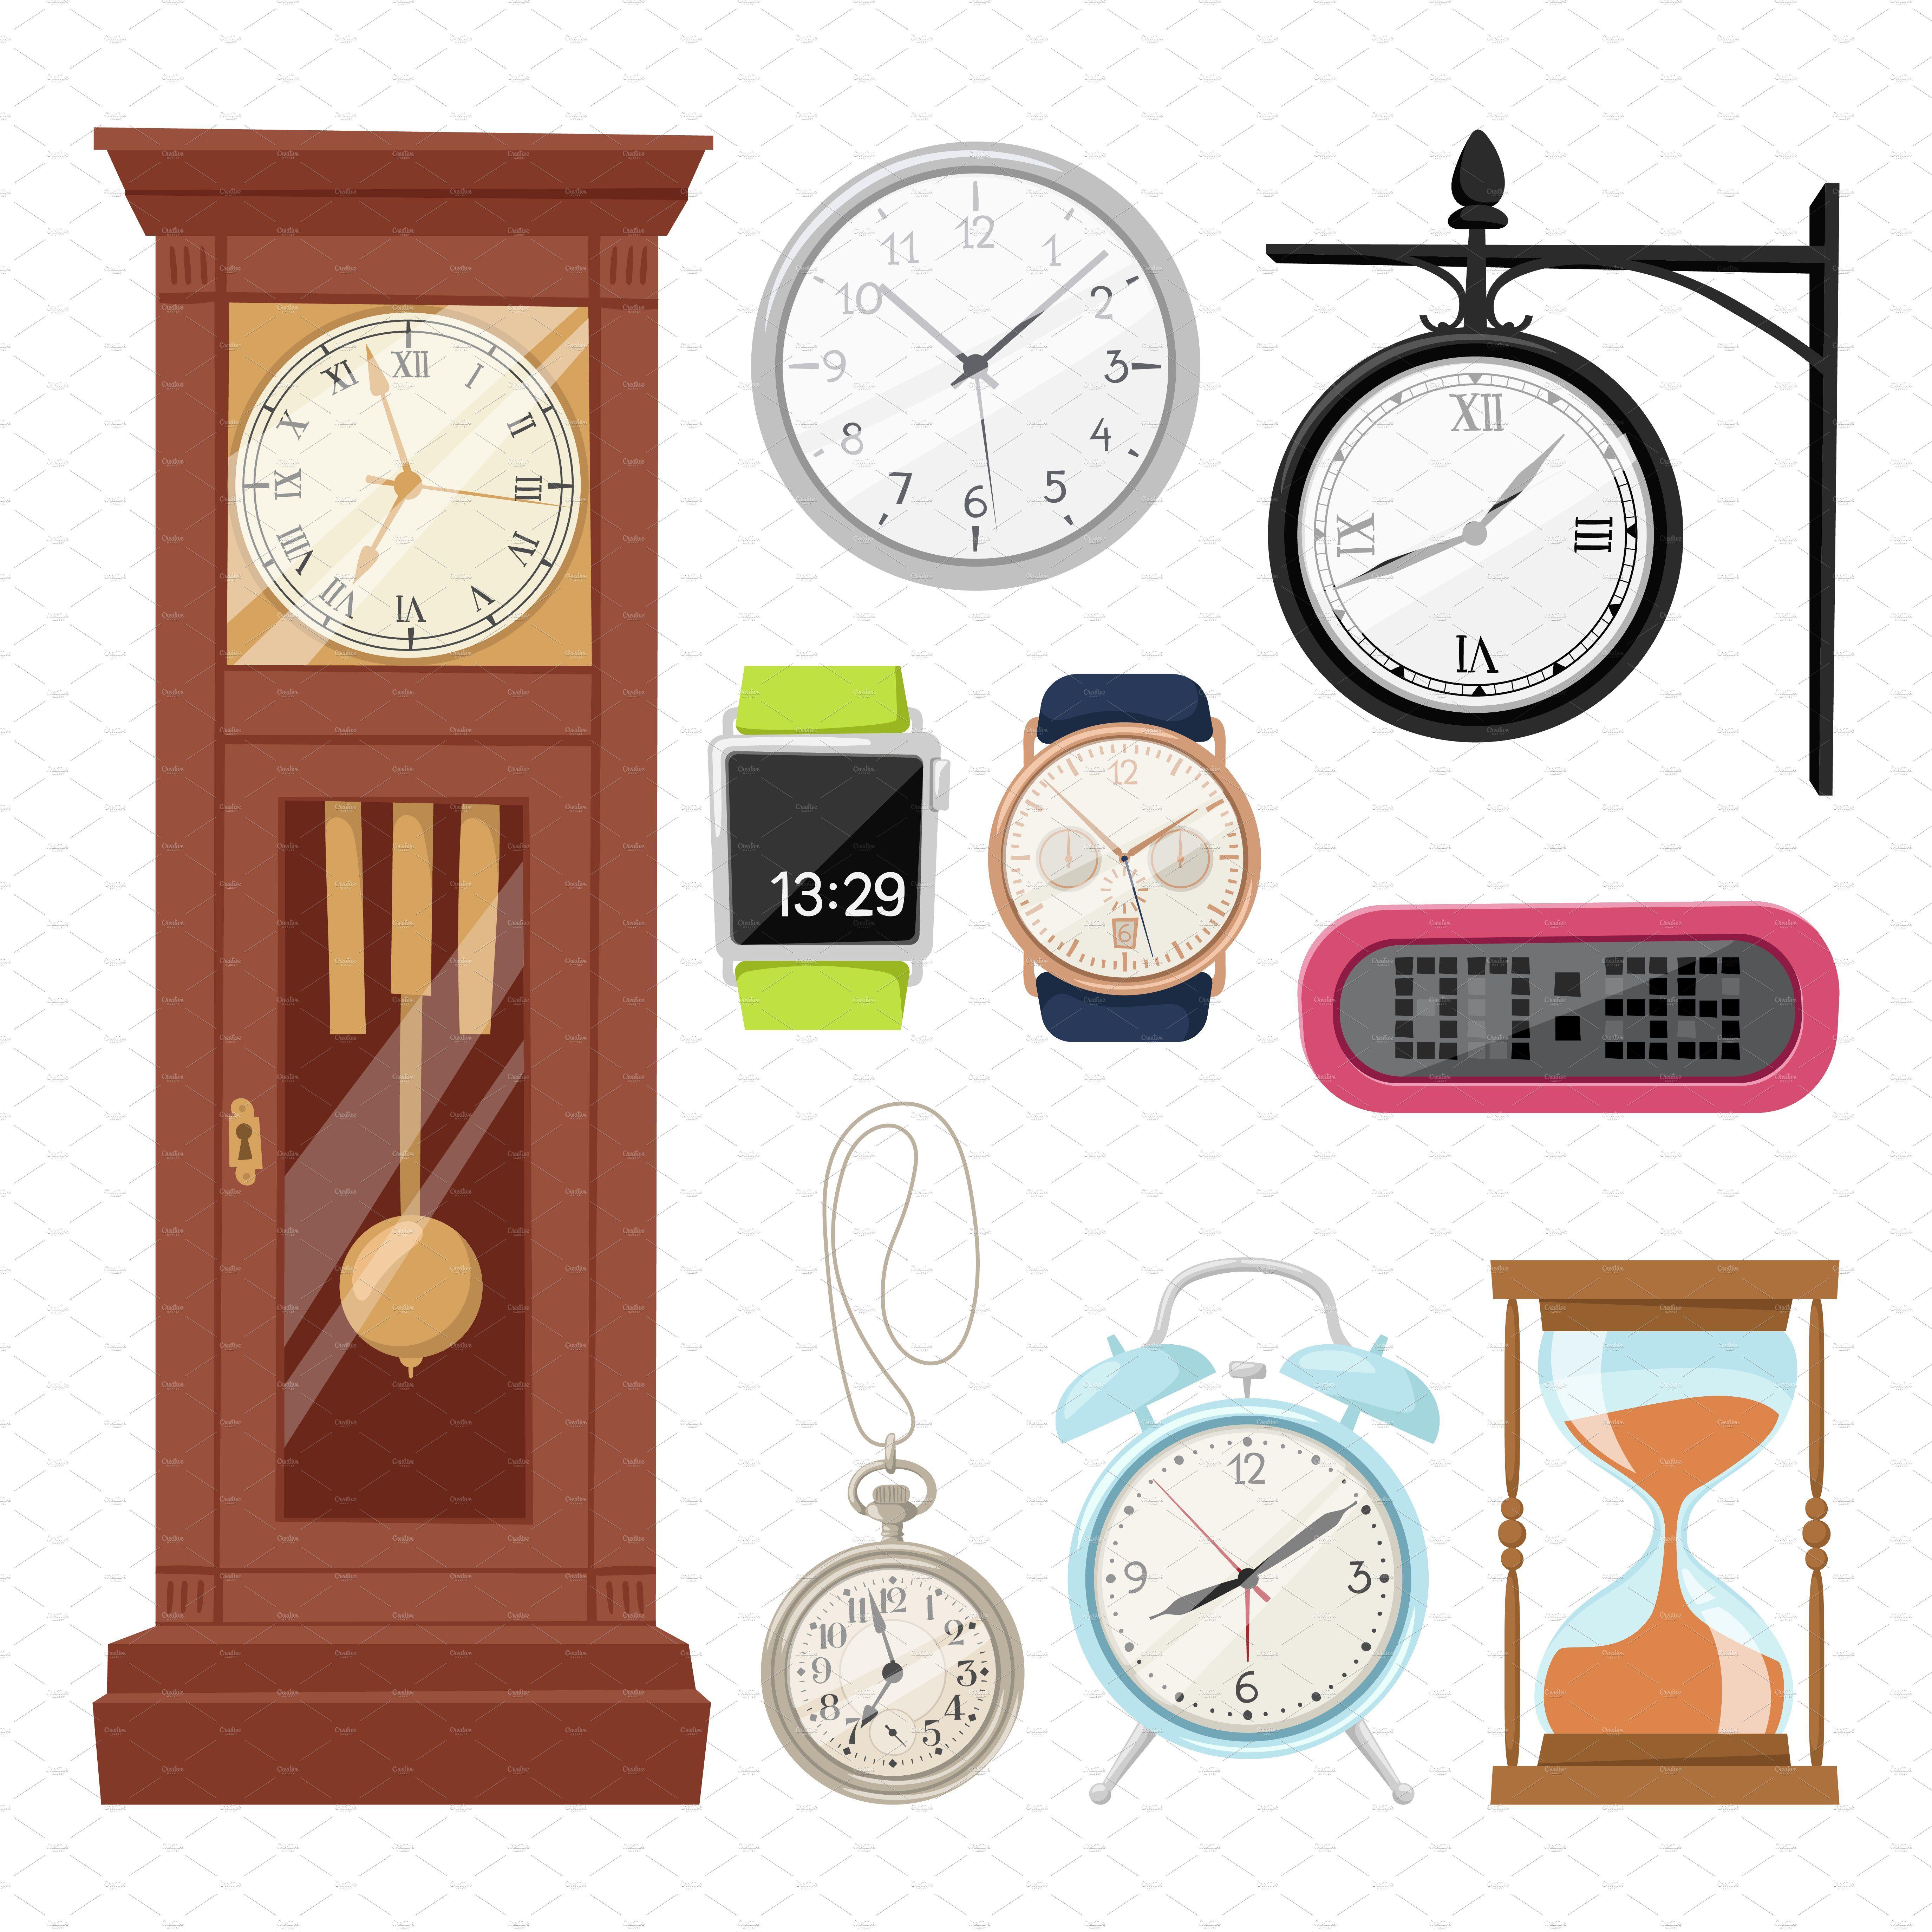 Clock watch alarms vector icons Clock, Clock icon